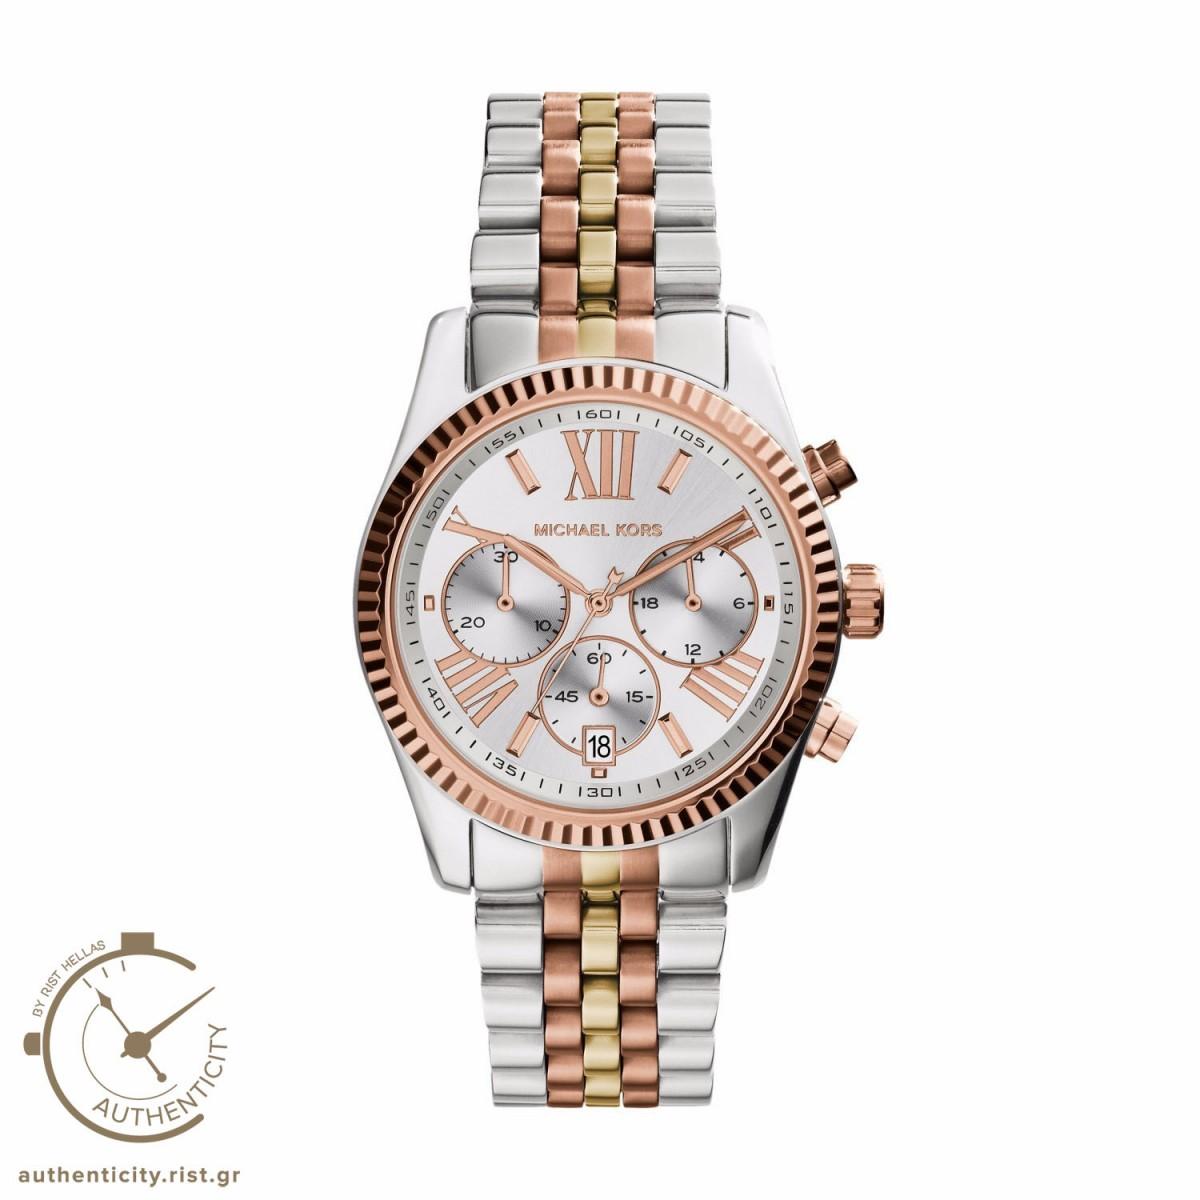 263b9b2c442 Ρολόι Michael Kors Lexington MK5735